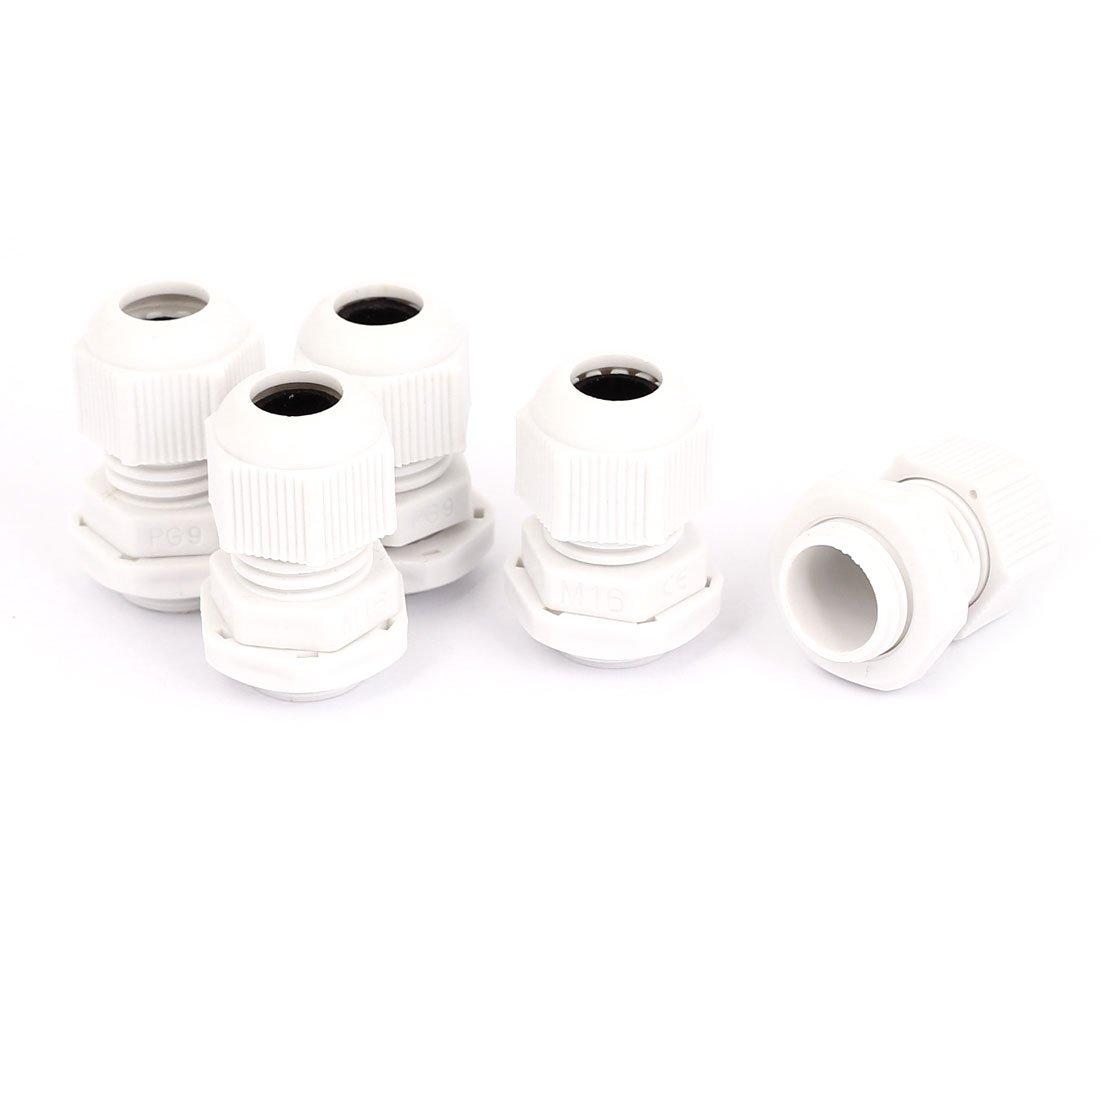 10 x Pasamuros Impermeables de Plastico Blanco M20 x 1.5 SODIAL R